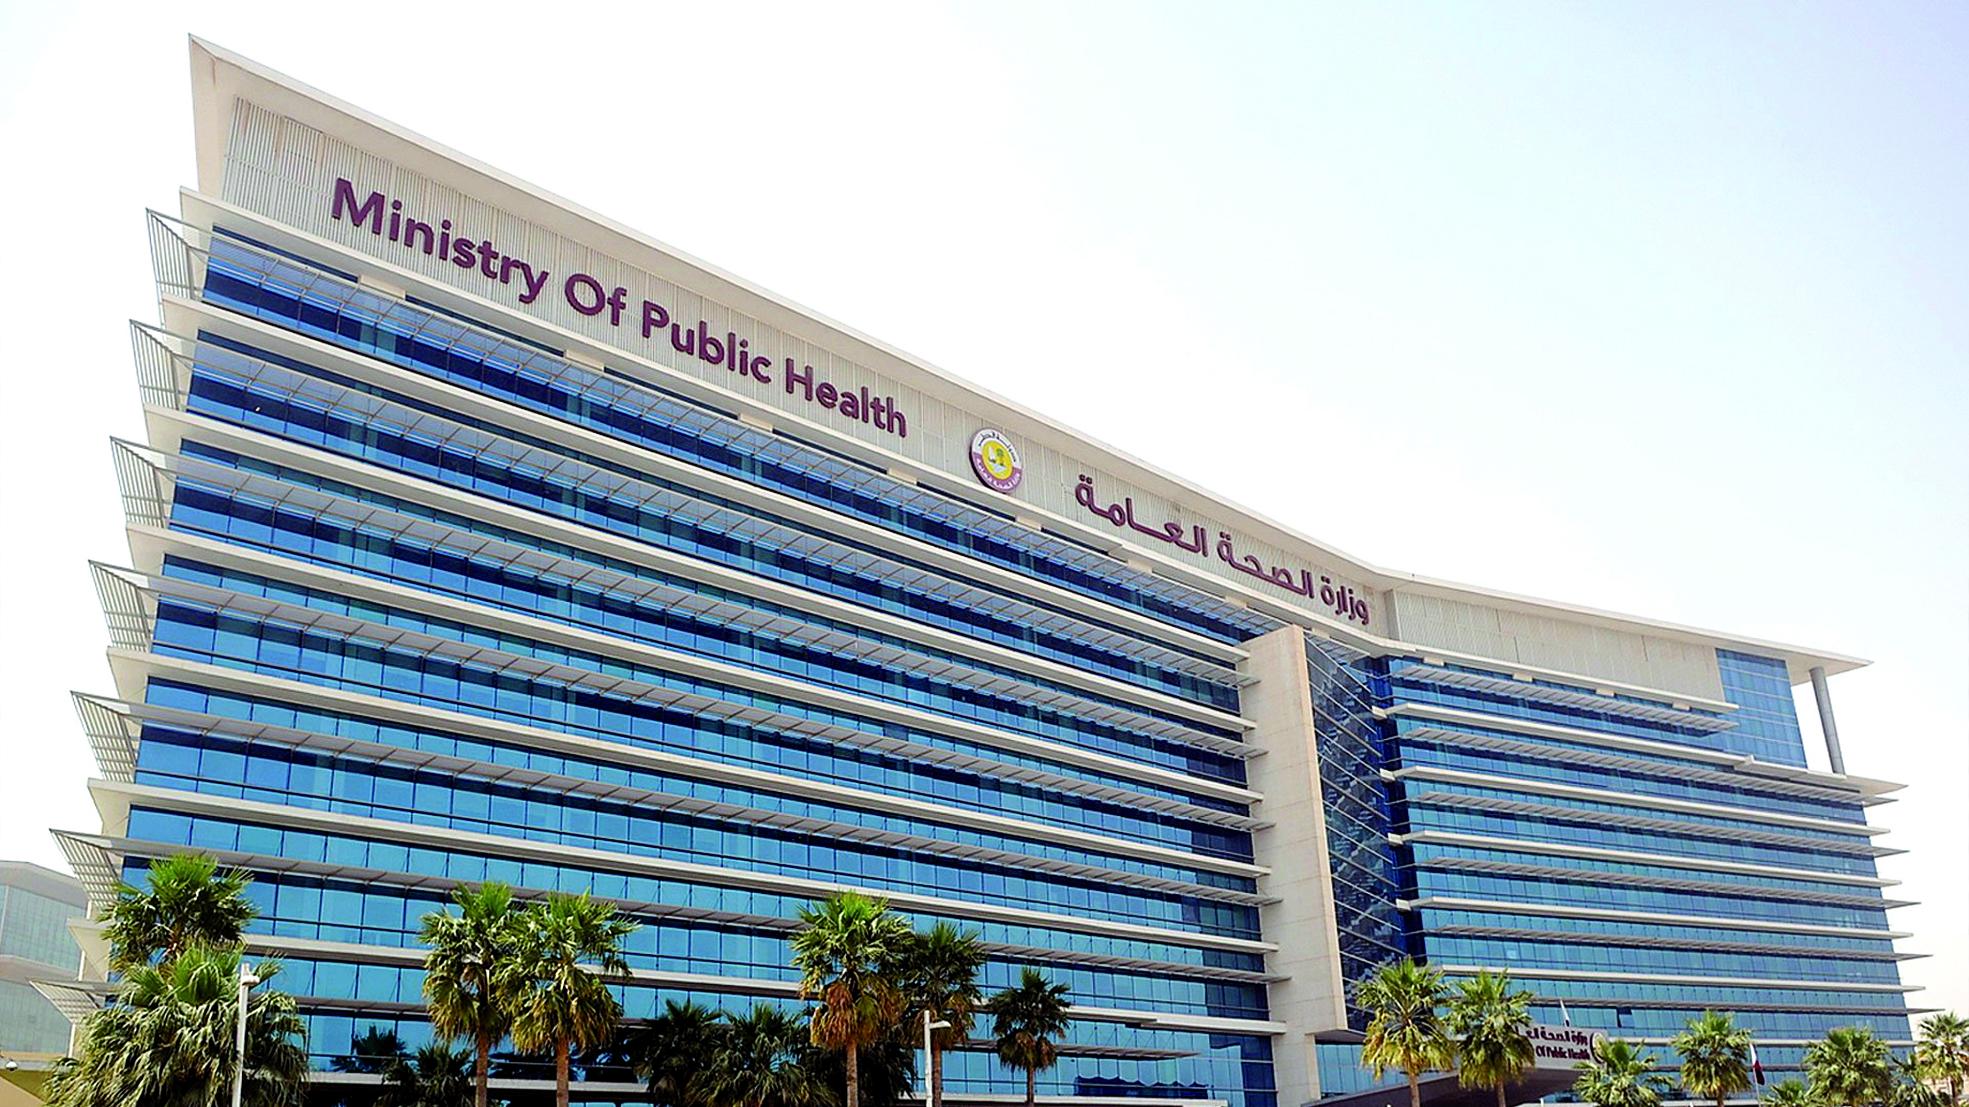 وزارة الصحة العامة